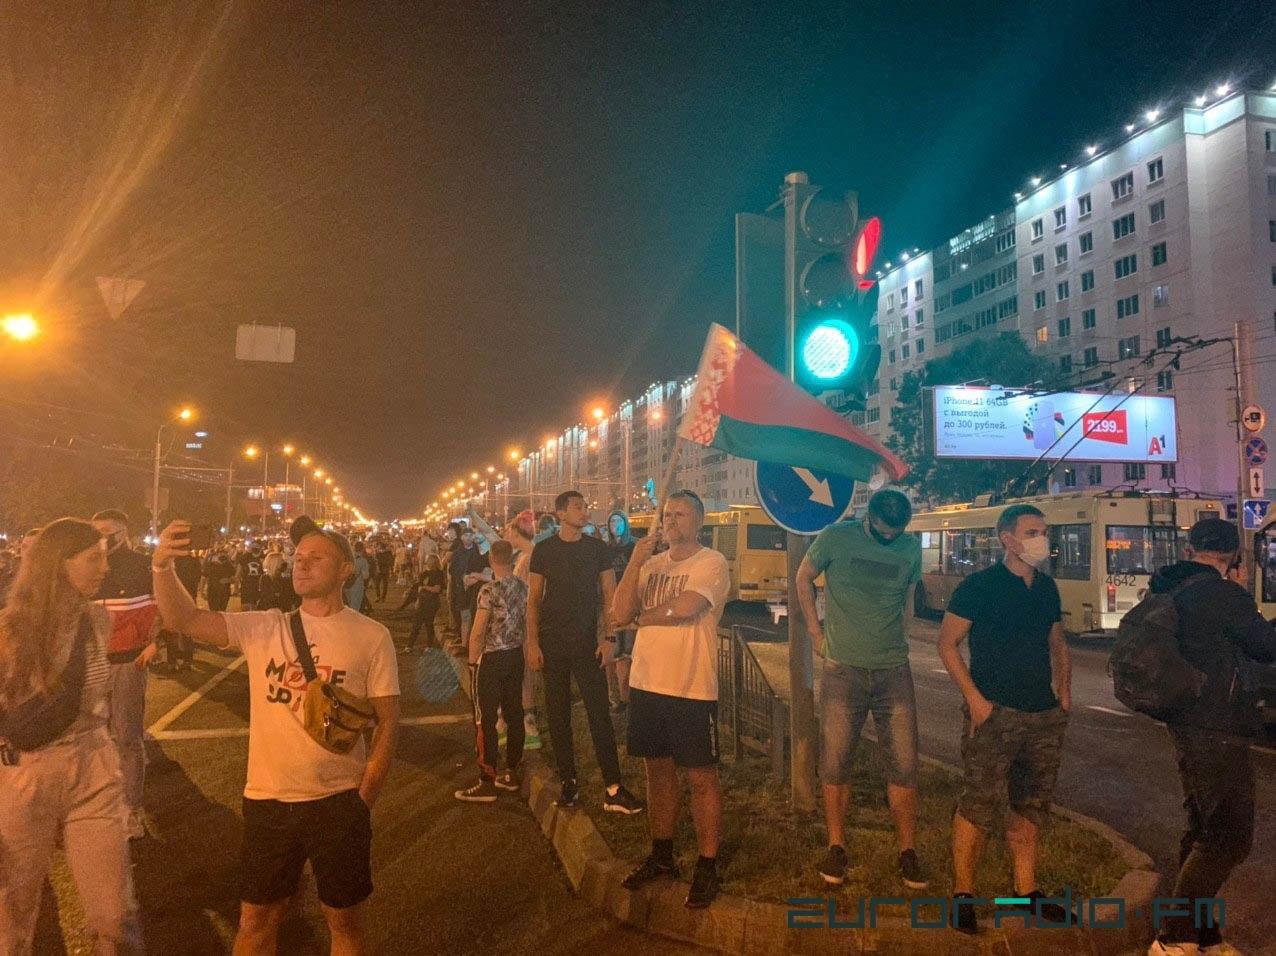 """Військові з народом та """"коктейлі Молотова"""": хронологія та фото другої доби білоруських протестів - фото 13"""